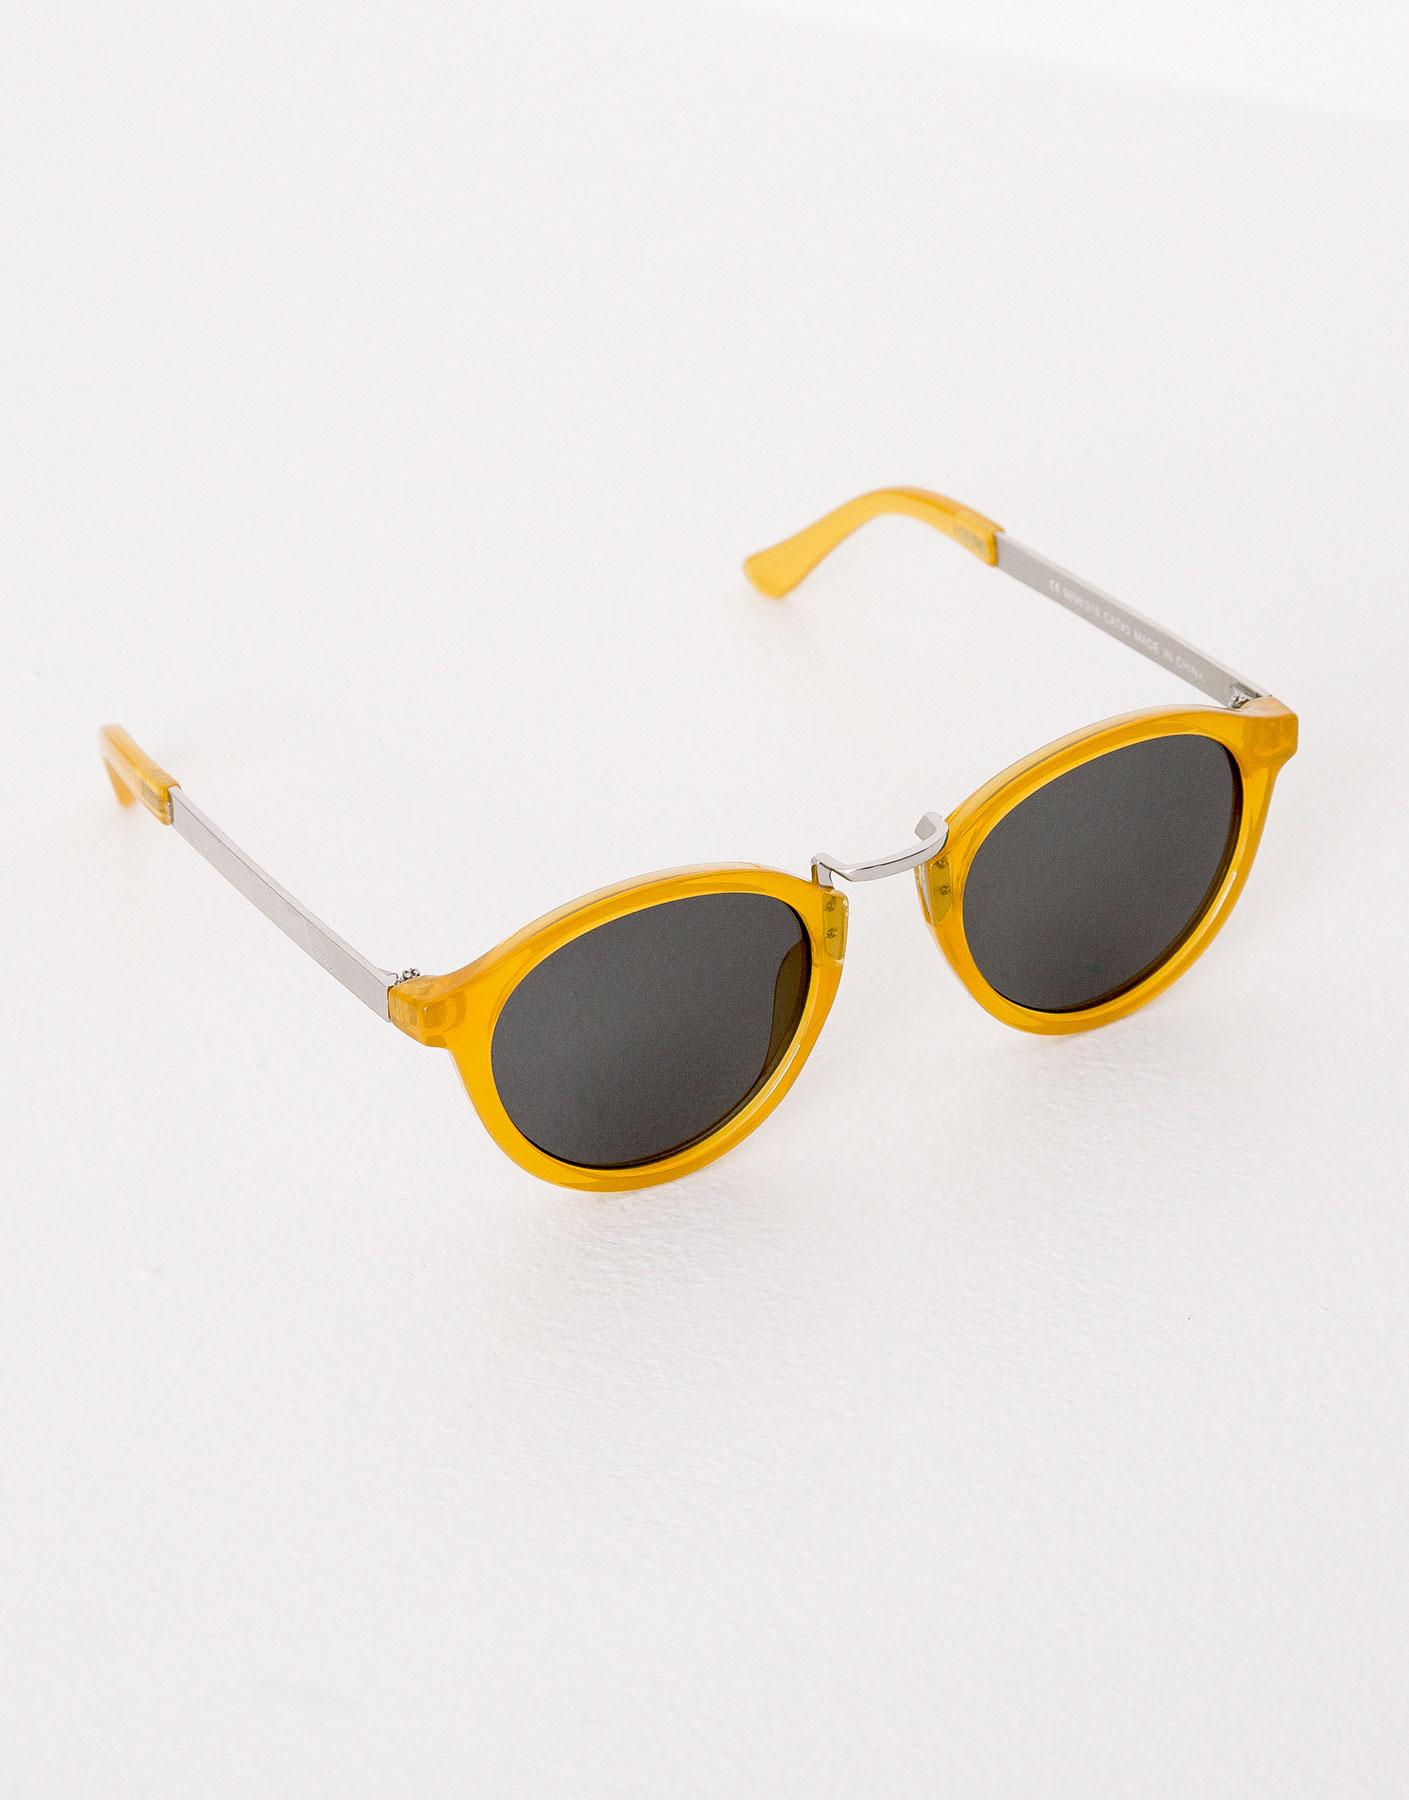 Sonnenbrille mit gelben gestell